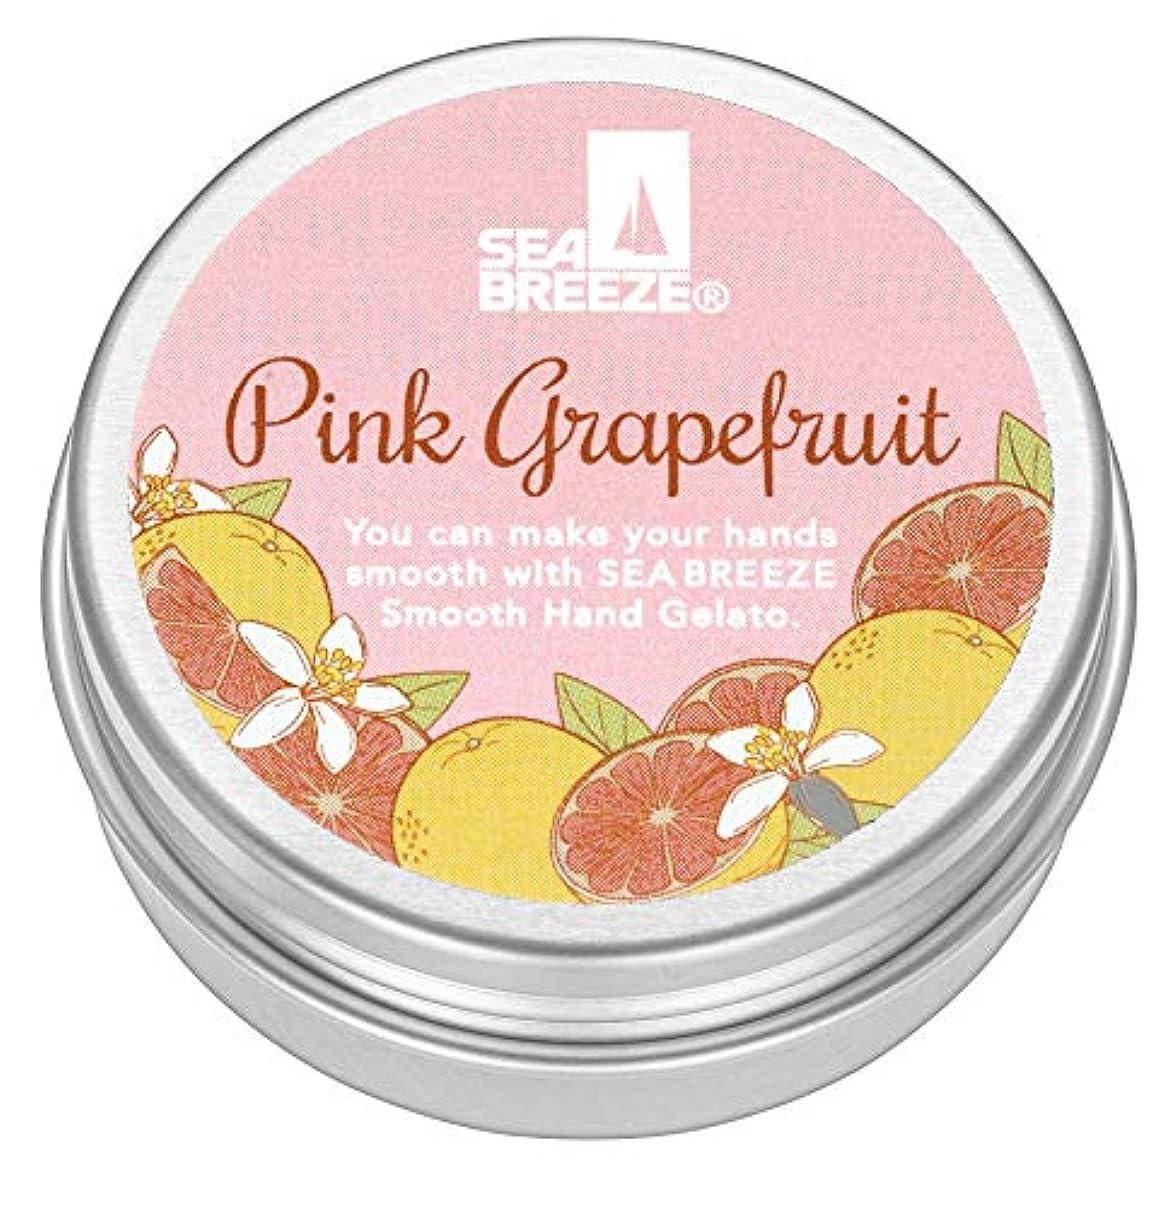 完全に現代の文明シーブリーズ スムースハンドジェラート ピンクグレープフルーツ 18g